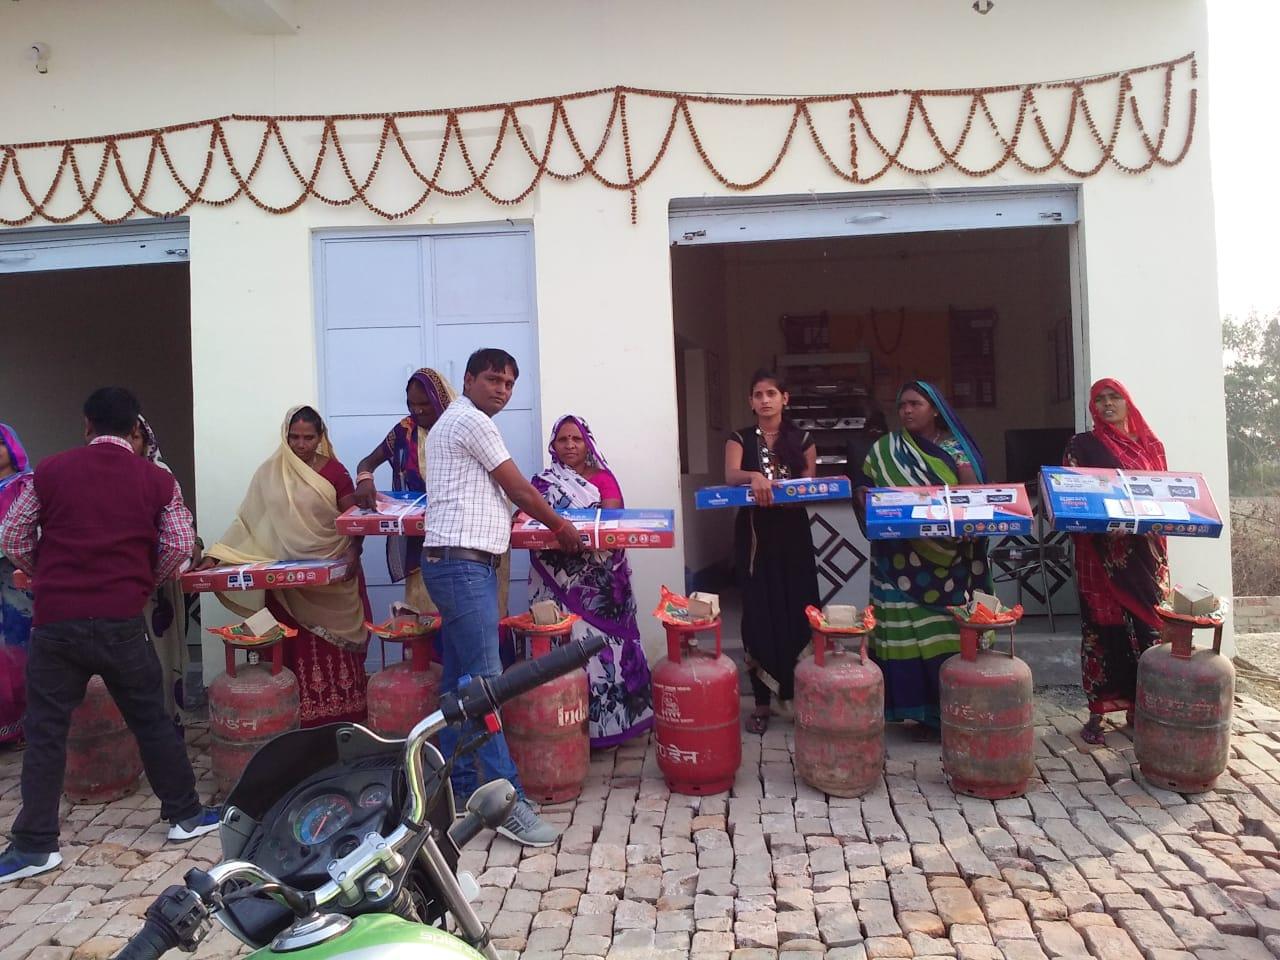 हिंदी समाचार | ग्राम सभा बभनियाँव में हुआ गैस बितरण